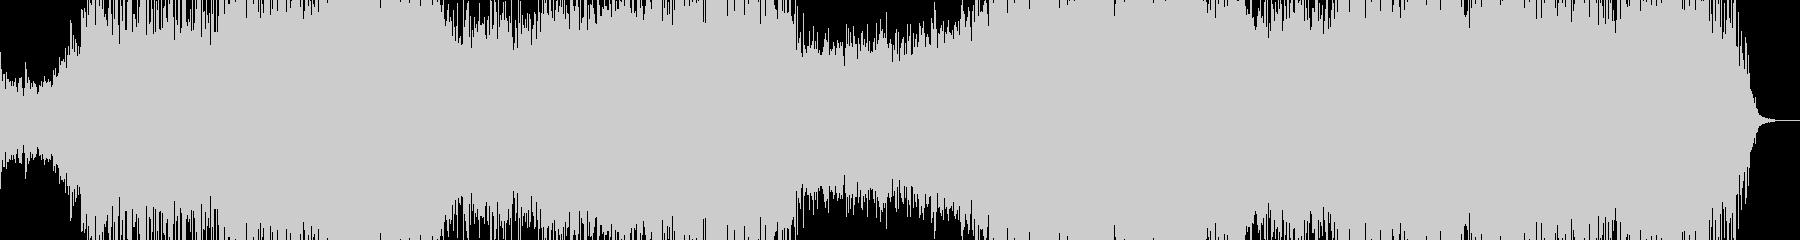 シンセティックなポップインストの未再生の波形